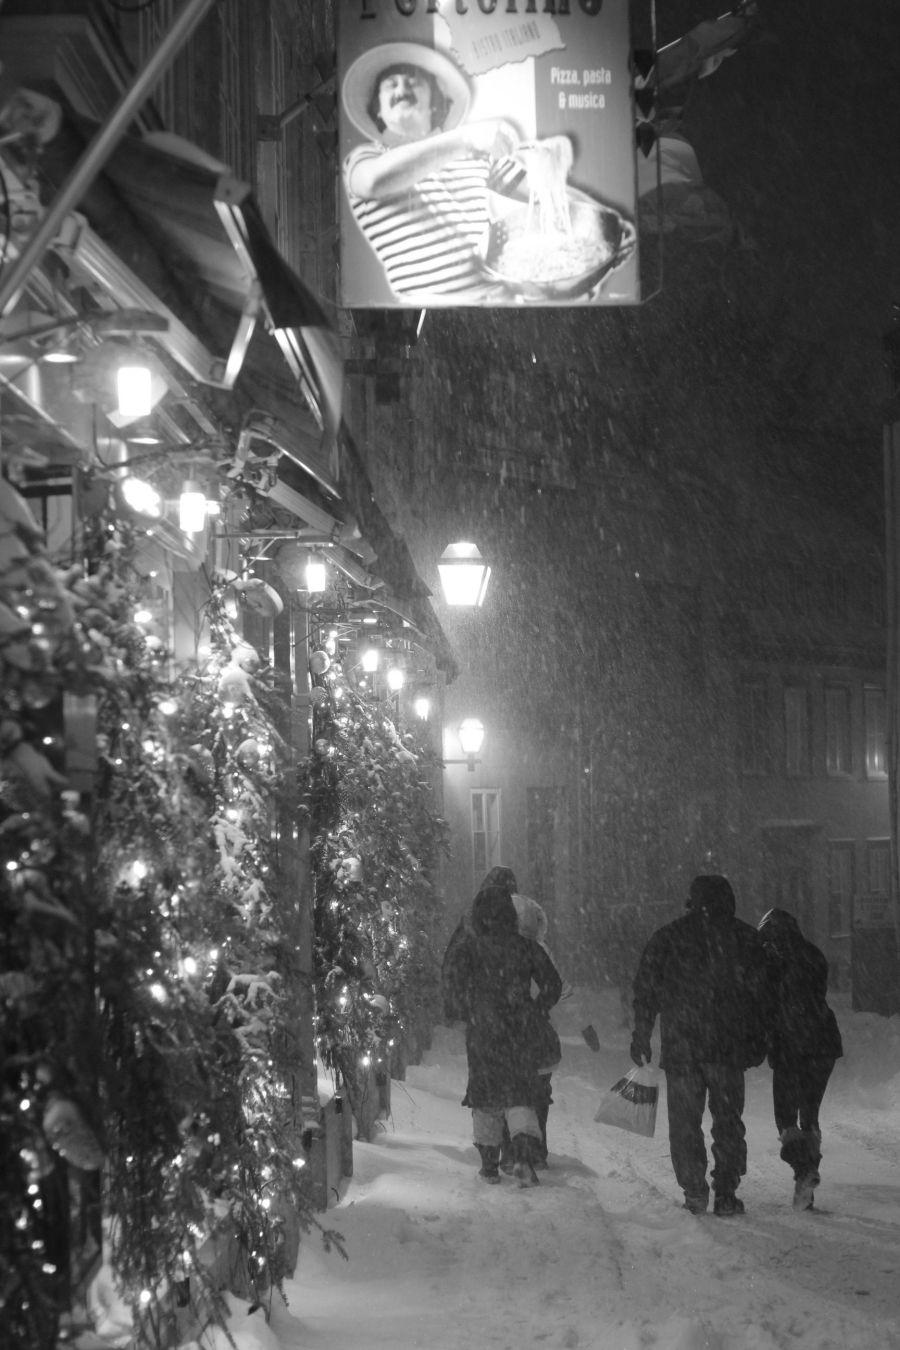 quebec quebec city snow storm december 29 2015 8